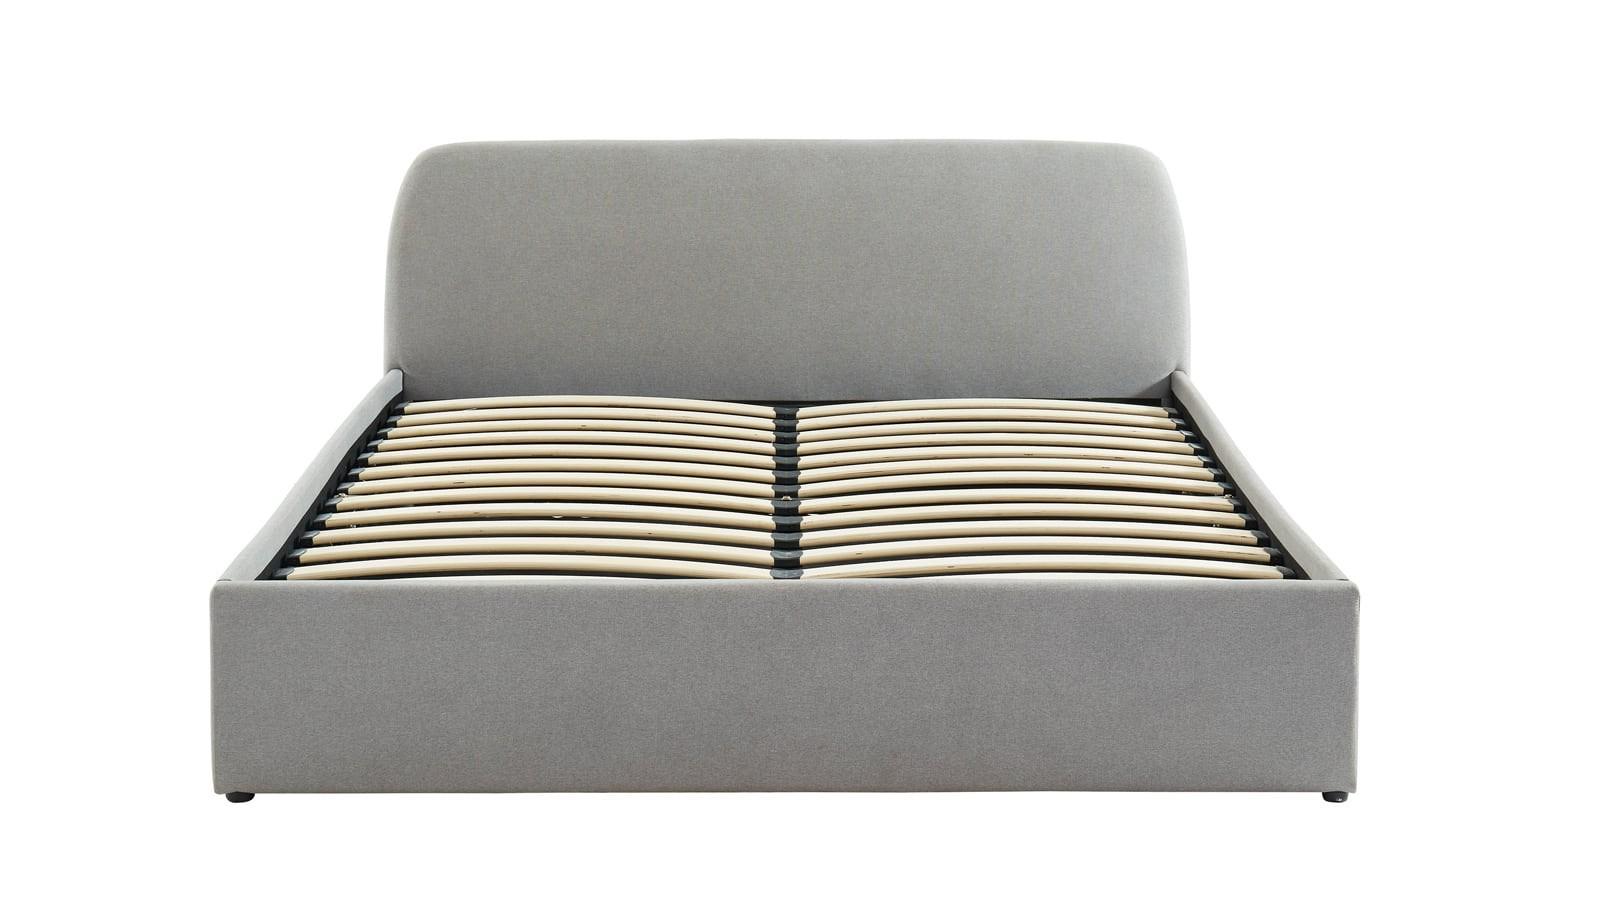 lit coffre en tissu gris clair